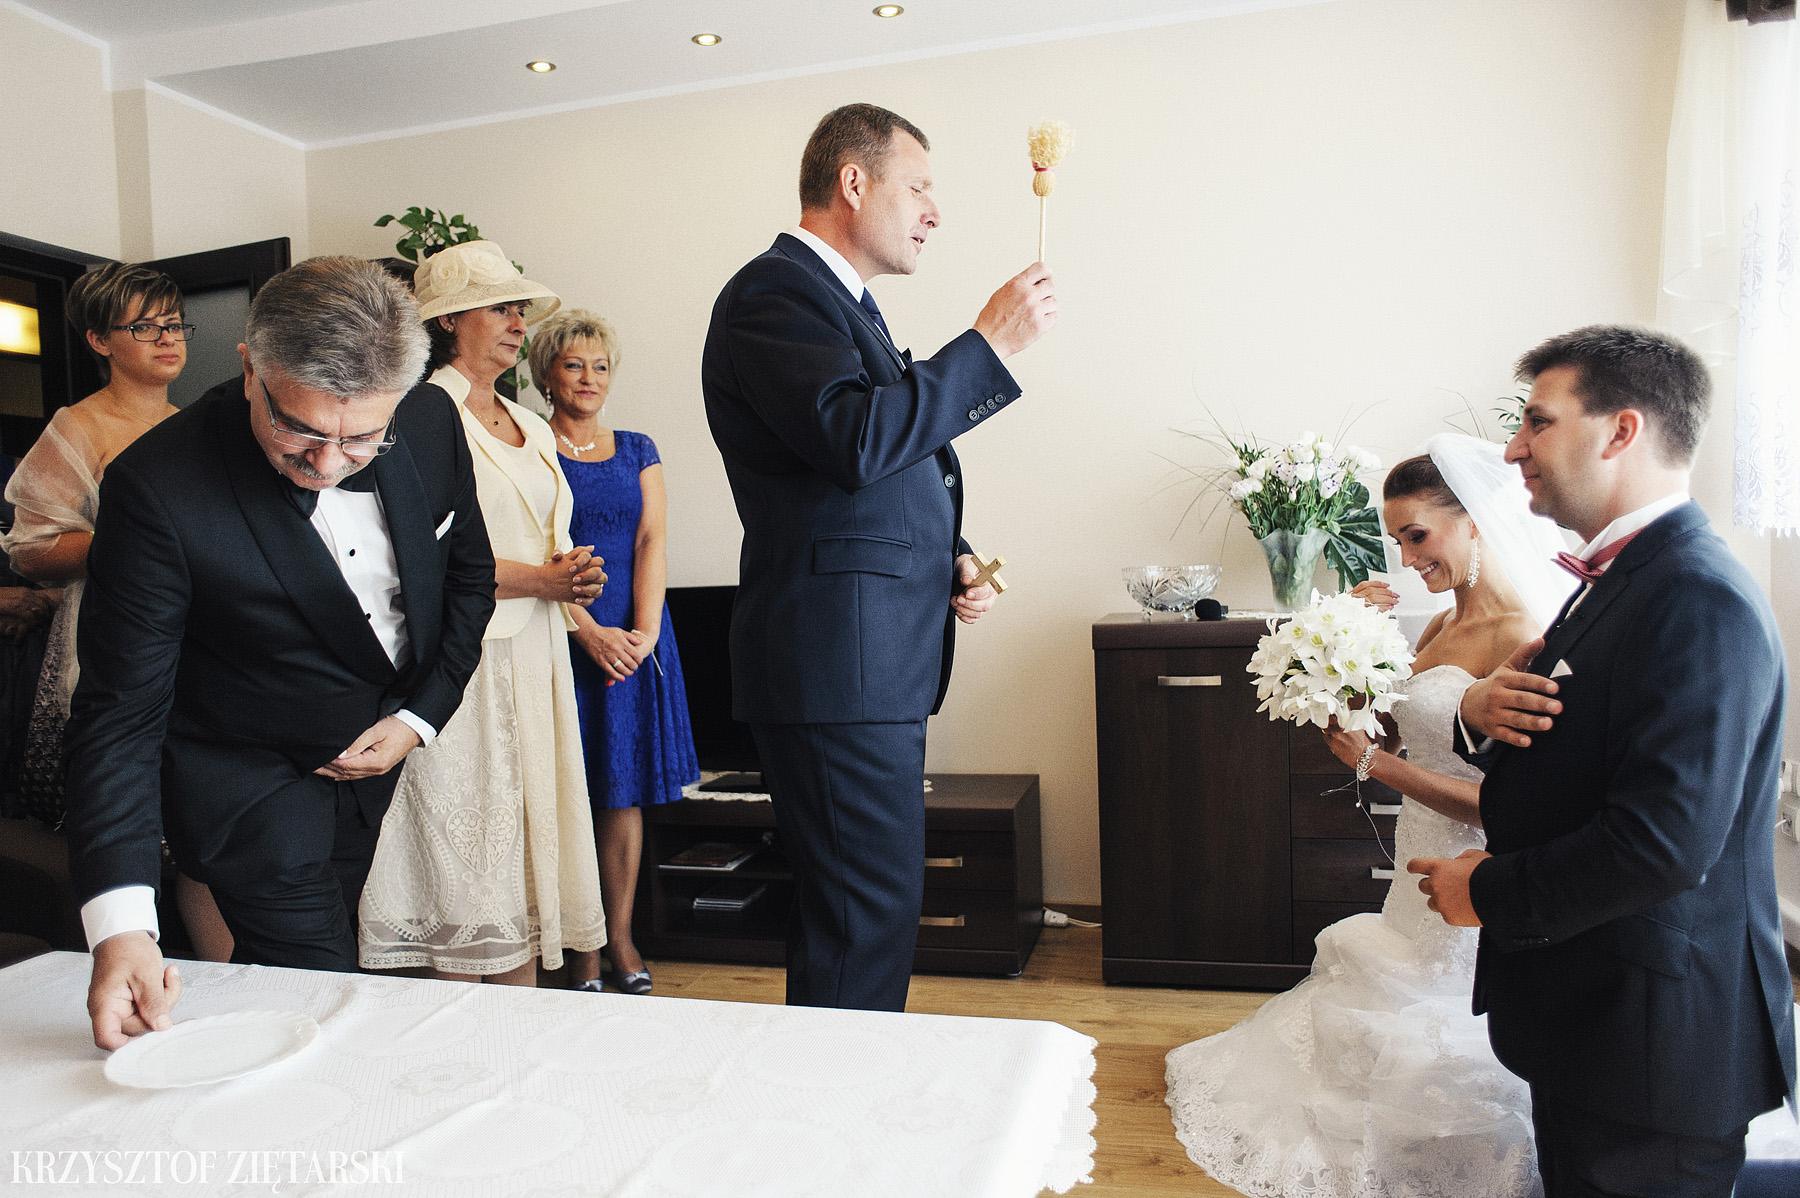 Karolina i Jacek - Fotografia ślubna Gdańsk, Chwaszczyno, Gościniec dla Przyjaciół Wyczechowo Hilary - 3.